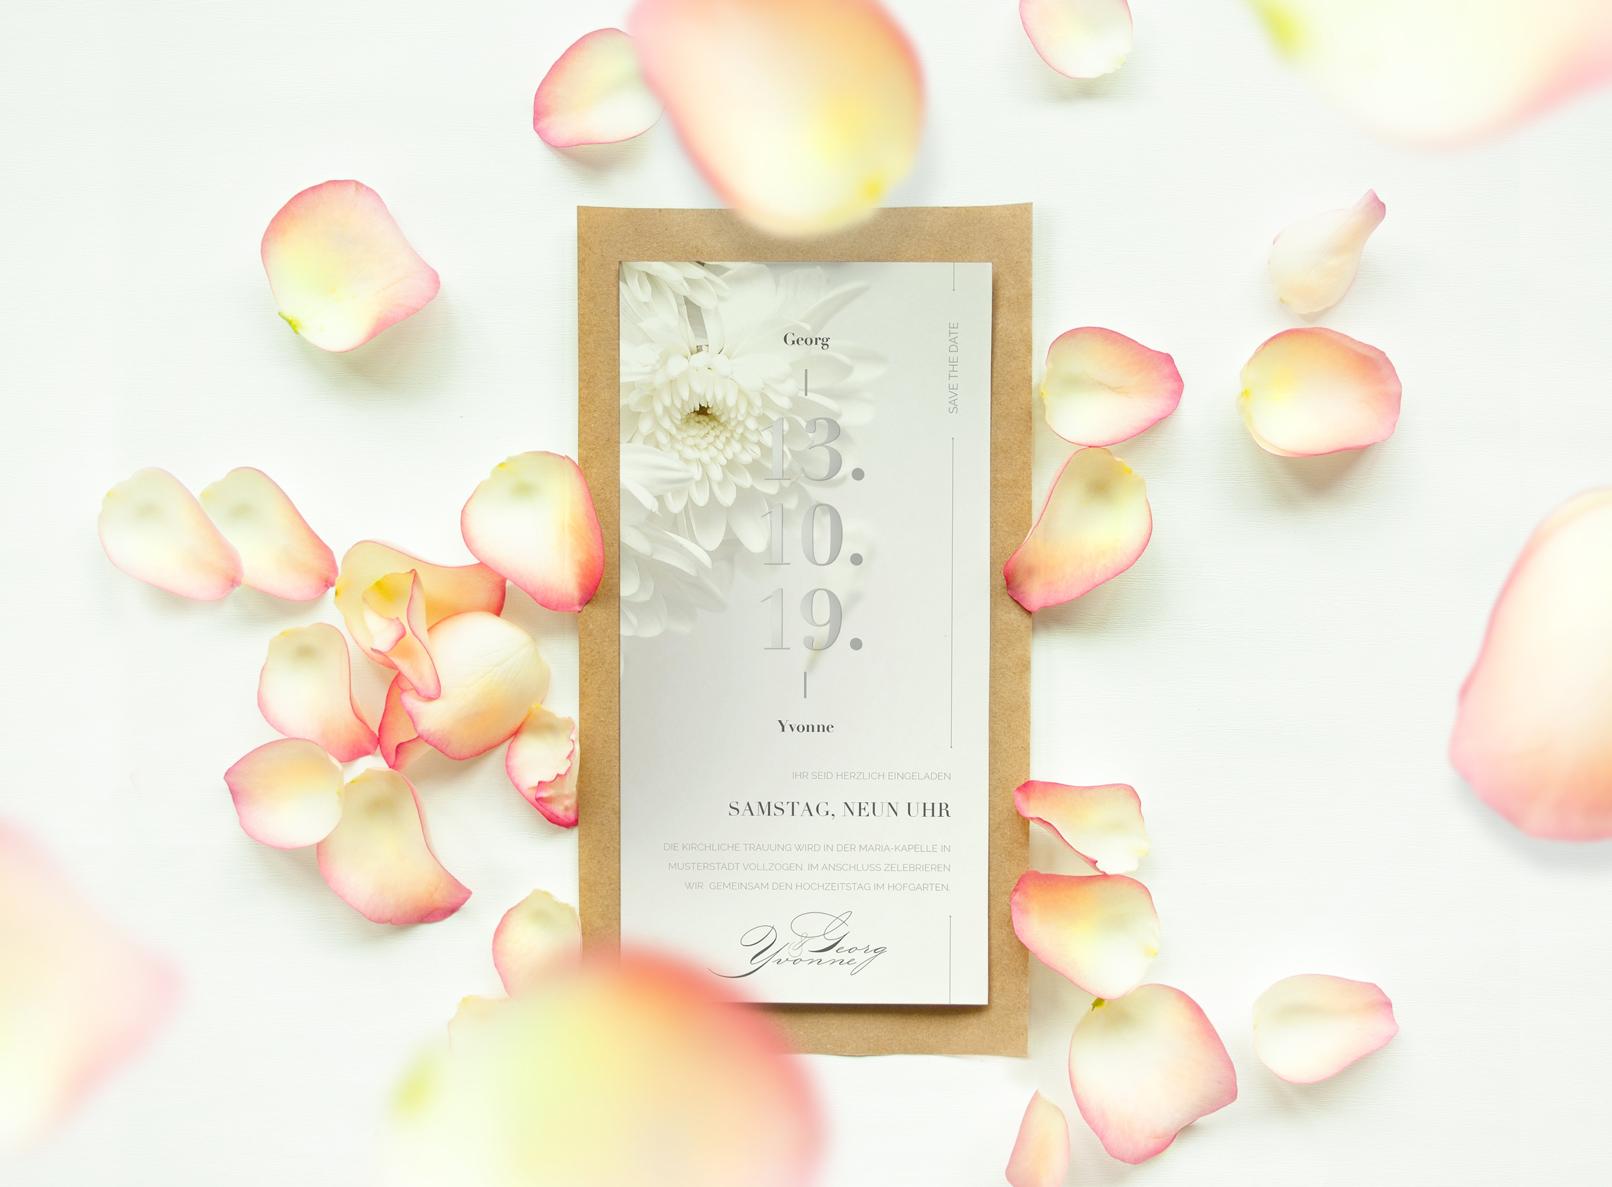 Einladungskarte, erstellt in Affinity Publisher als Beispiel für das Tutorial